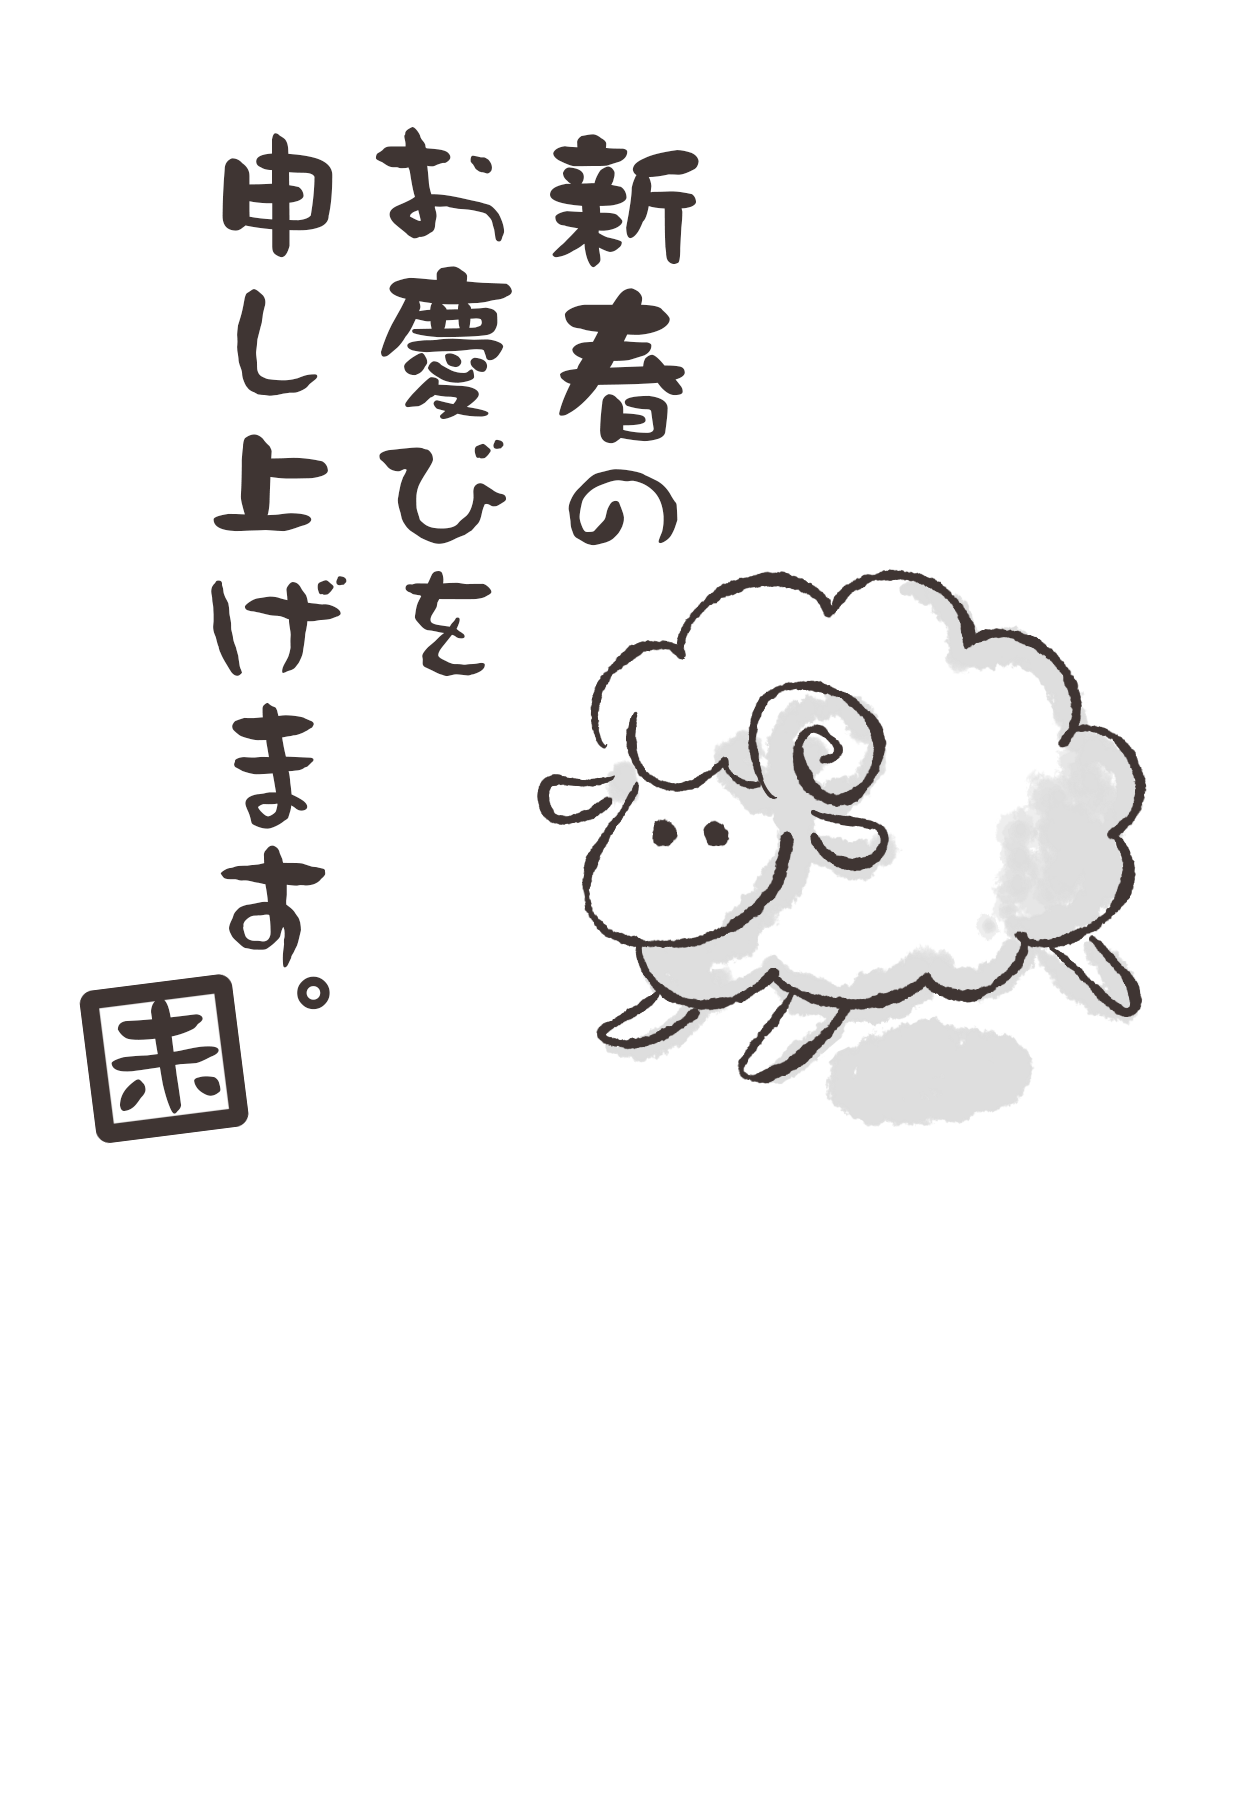 2015年賀状無料素材5